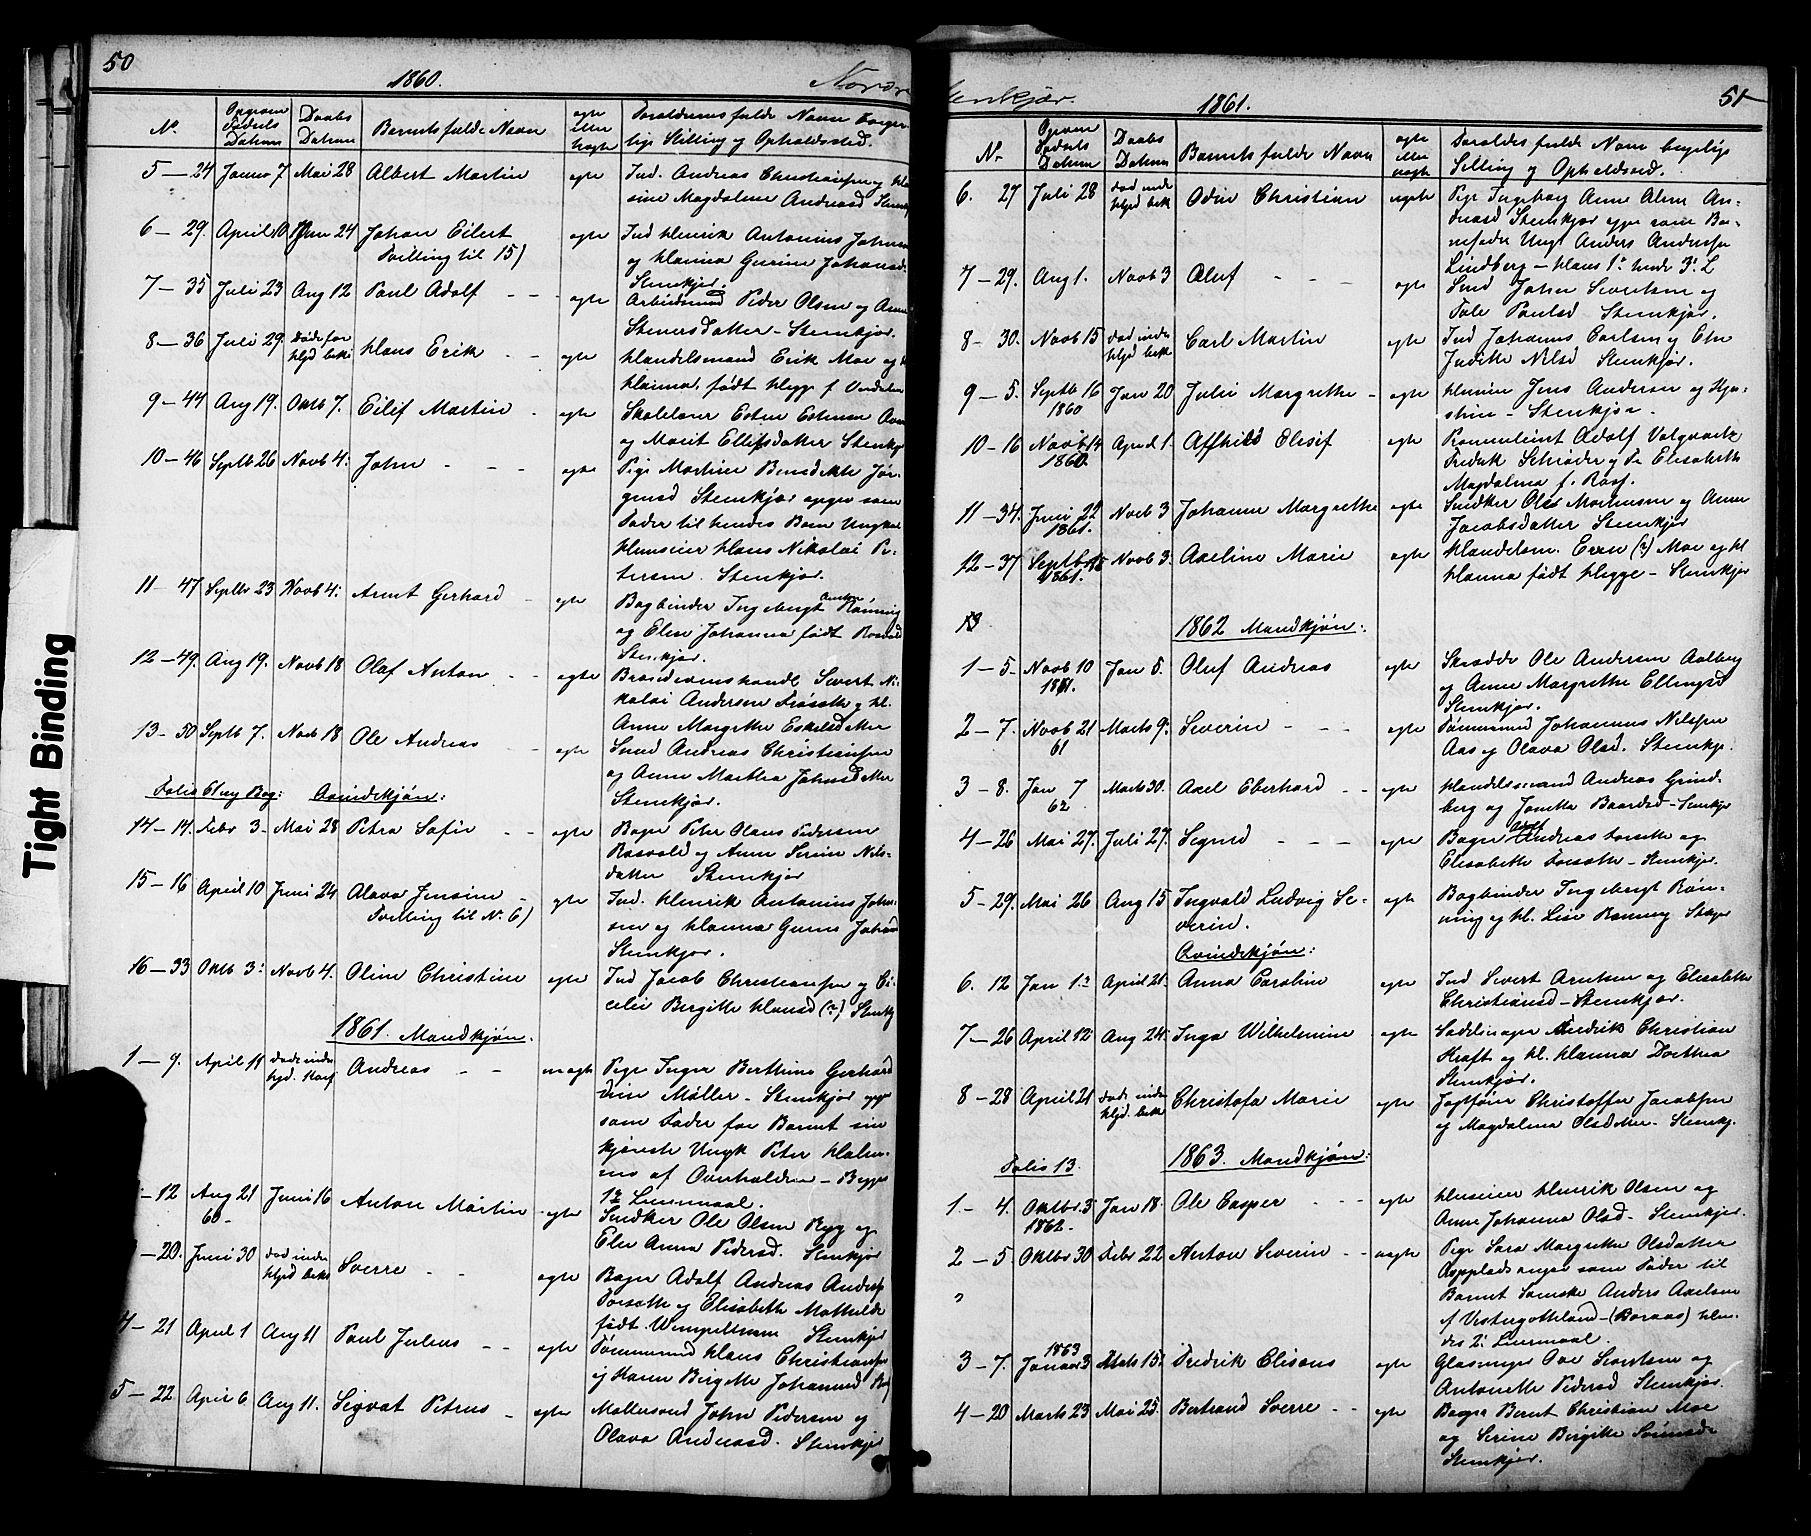 SAT, Ministerialprotokoller, klokkerbøker og fødselsregistre - Nord-Trøndelag, 739/L0367: Ministerialbok nr. 739A01 /2, 1838-1868, s. 50-51